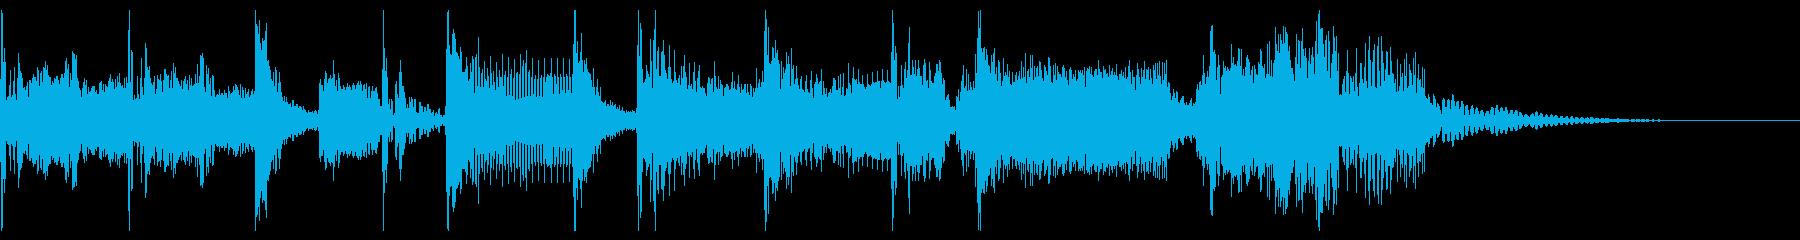 ロック調の短いジングルの再生済みの波形